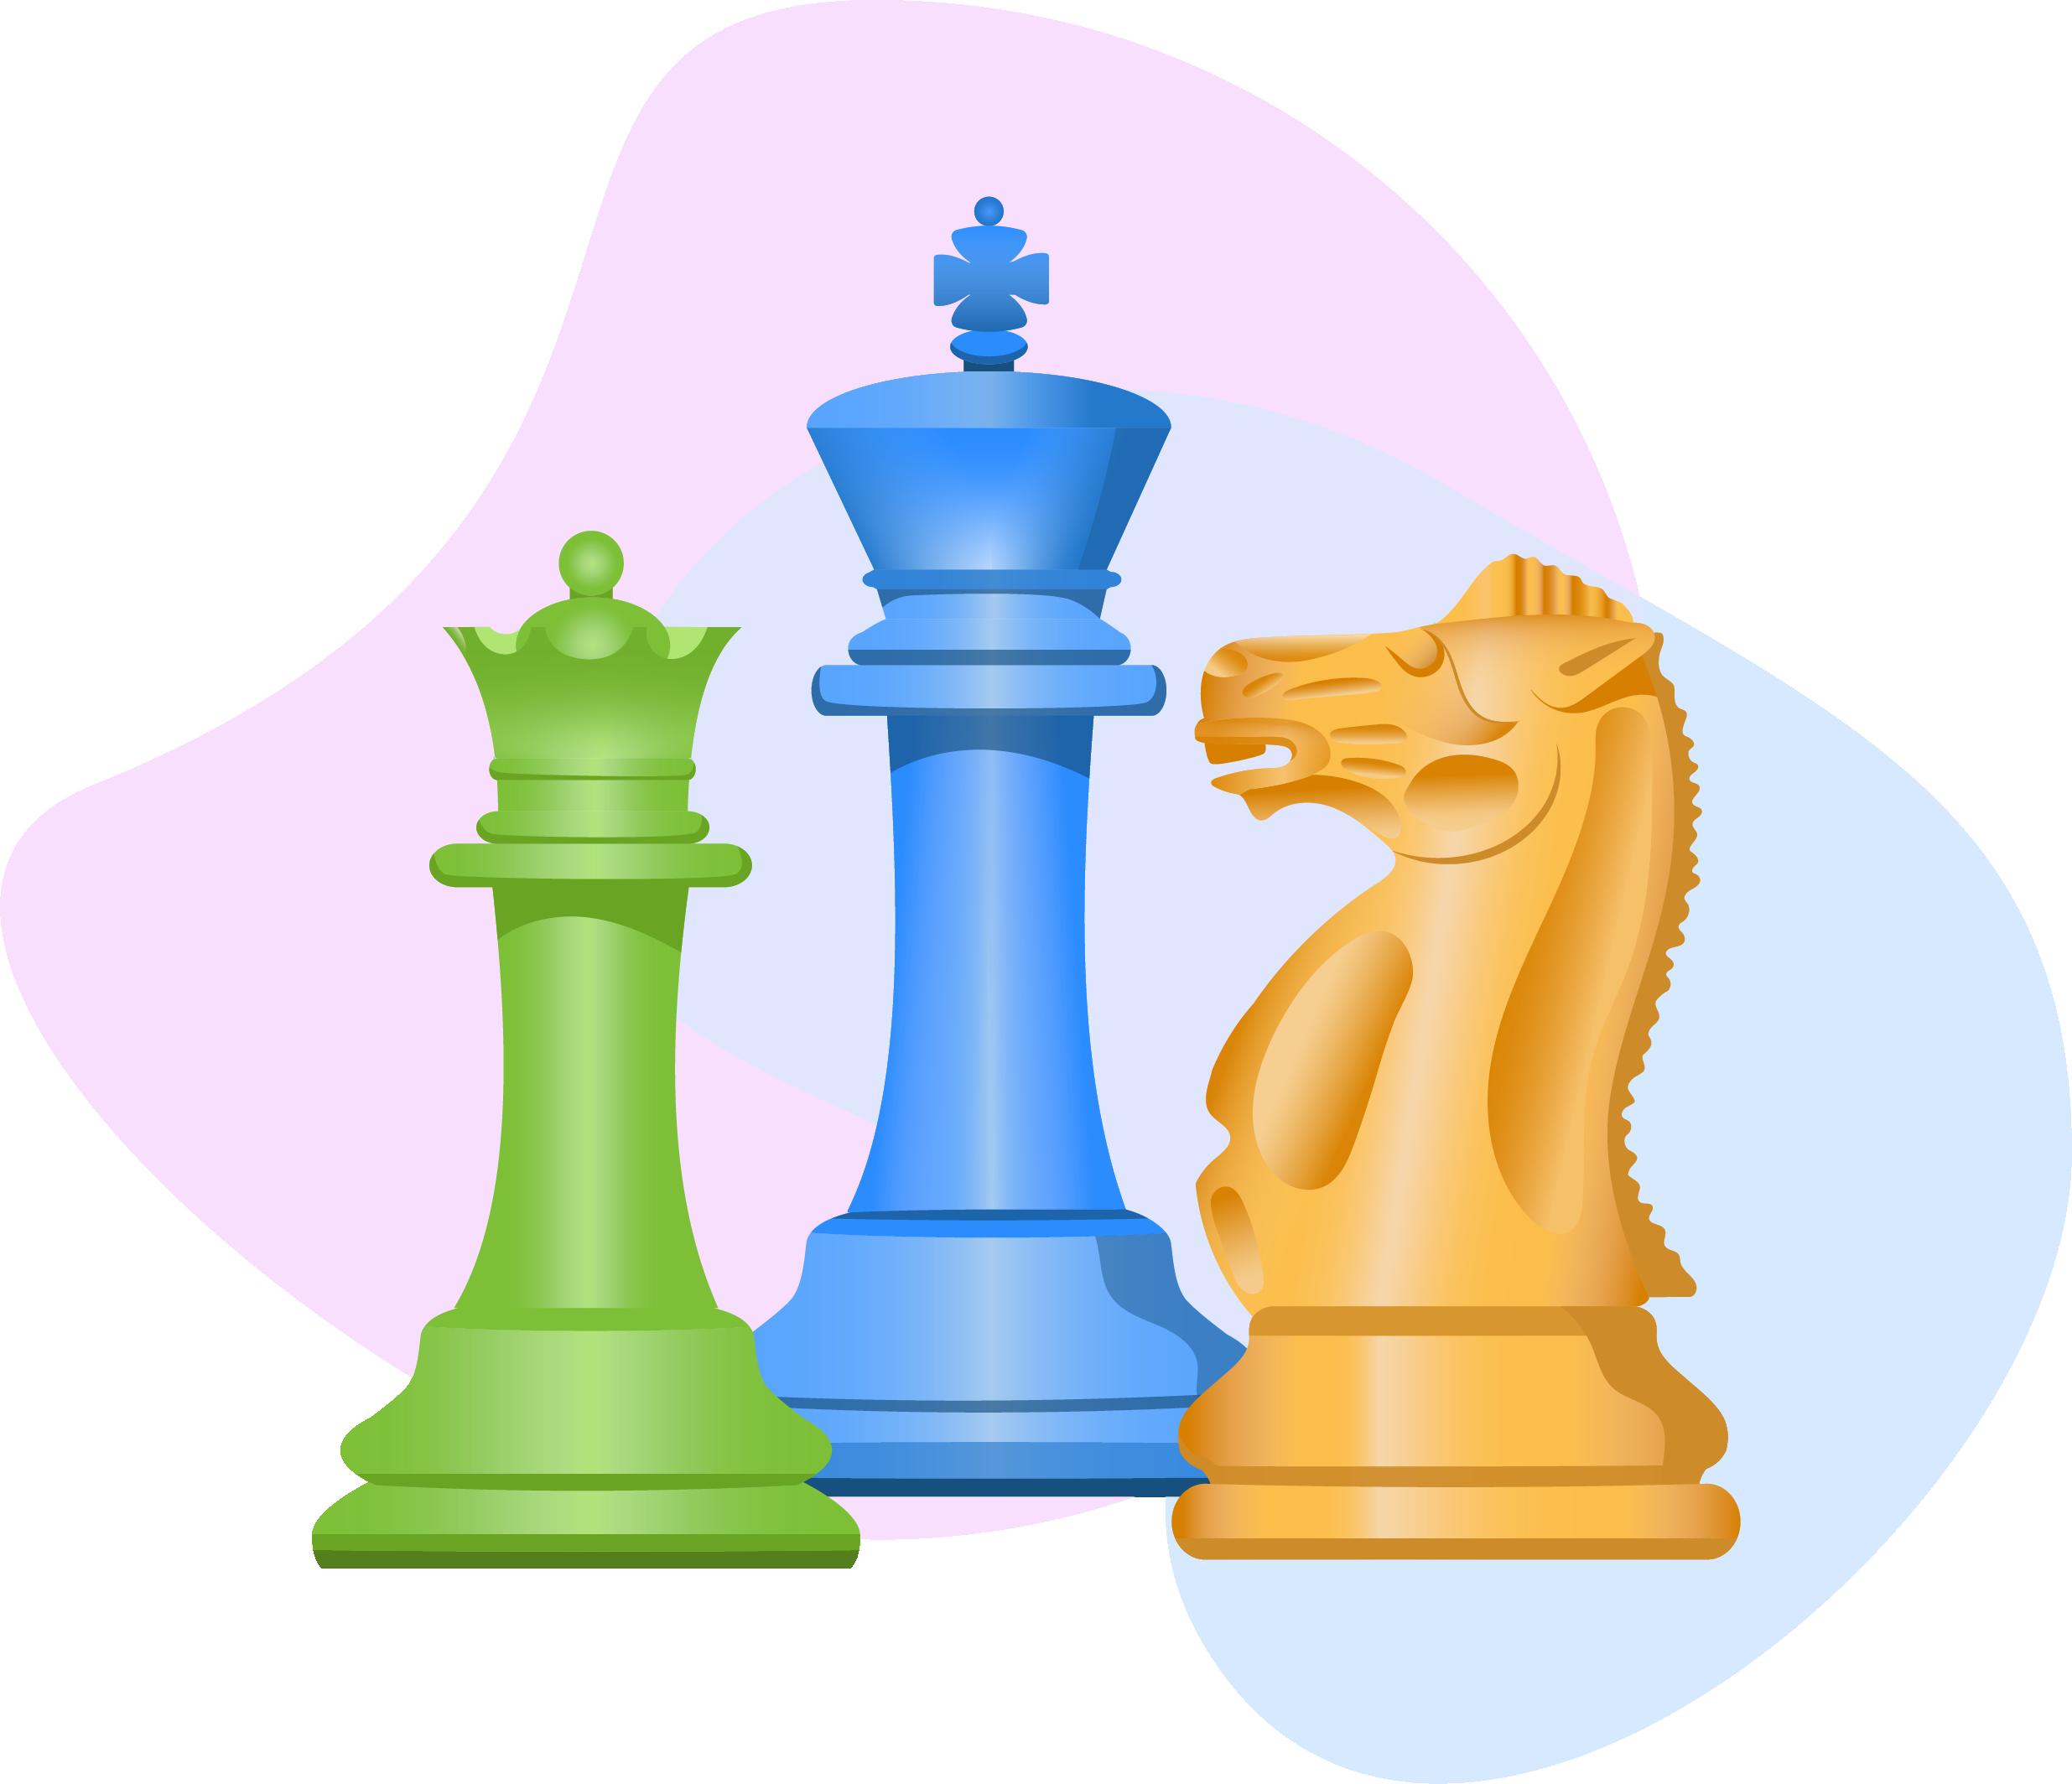 chess 2.0